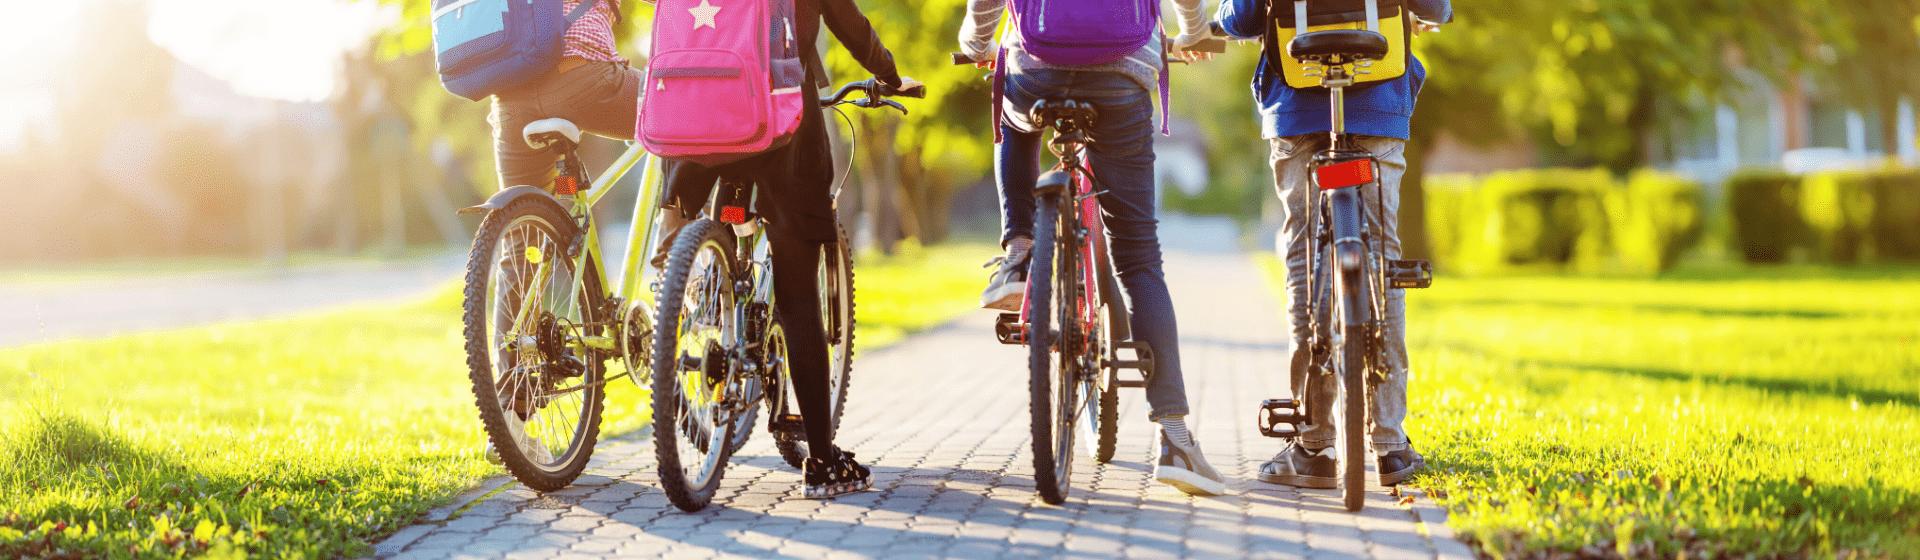 Como escolher uma bicicleta infantil?